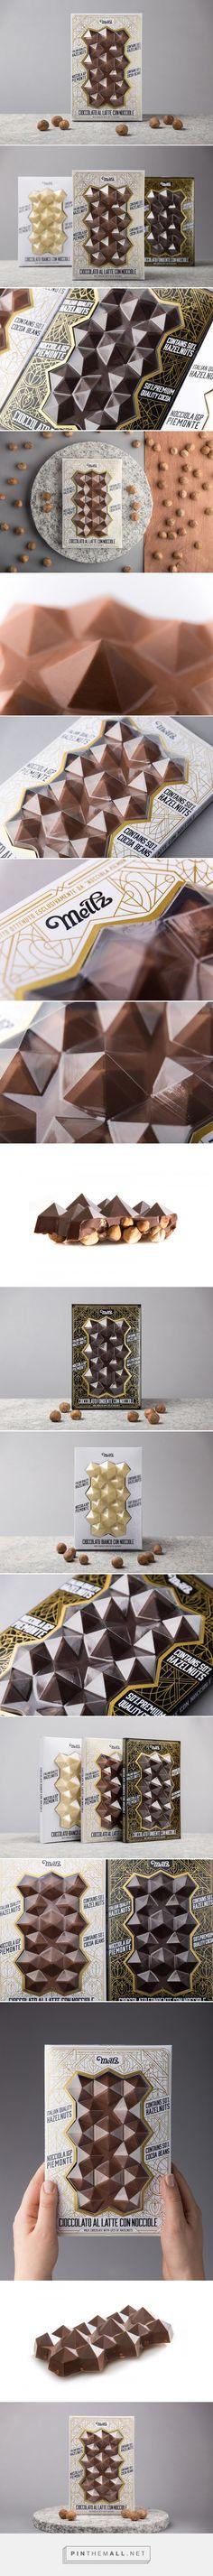 Meltz Chocolates packaging design by Foxtrot Design Studio - http://www.packagingoftheworld.com/2018/01/meltz-chocolates.html